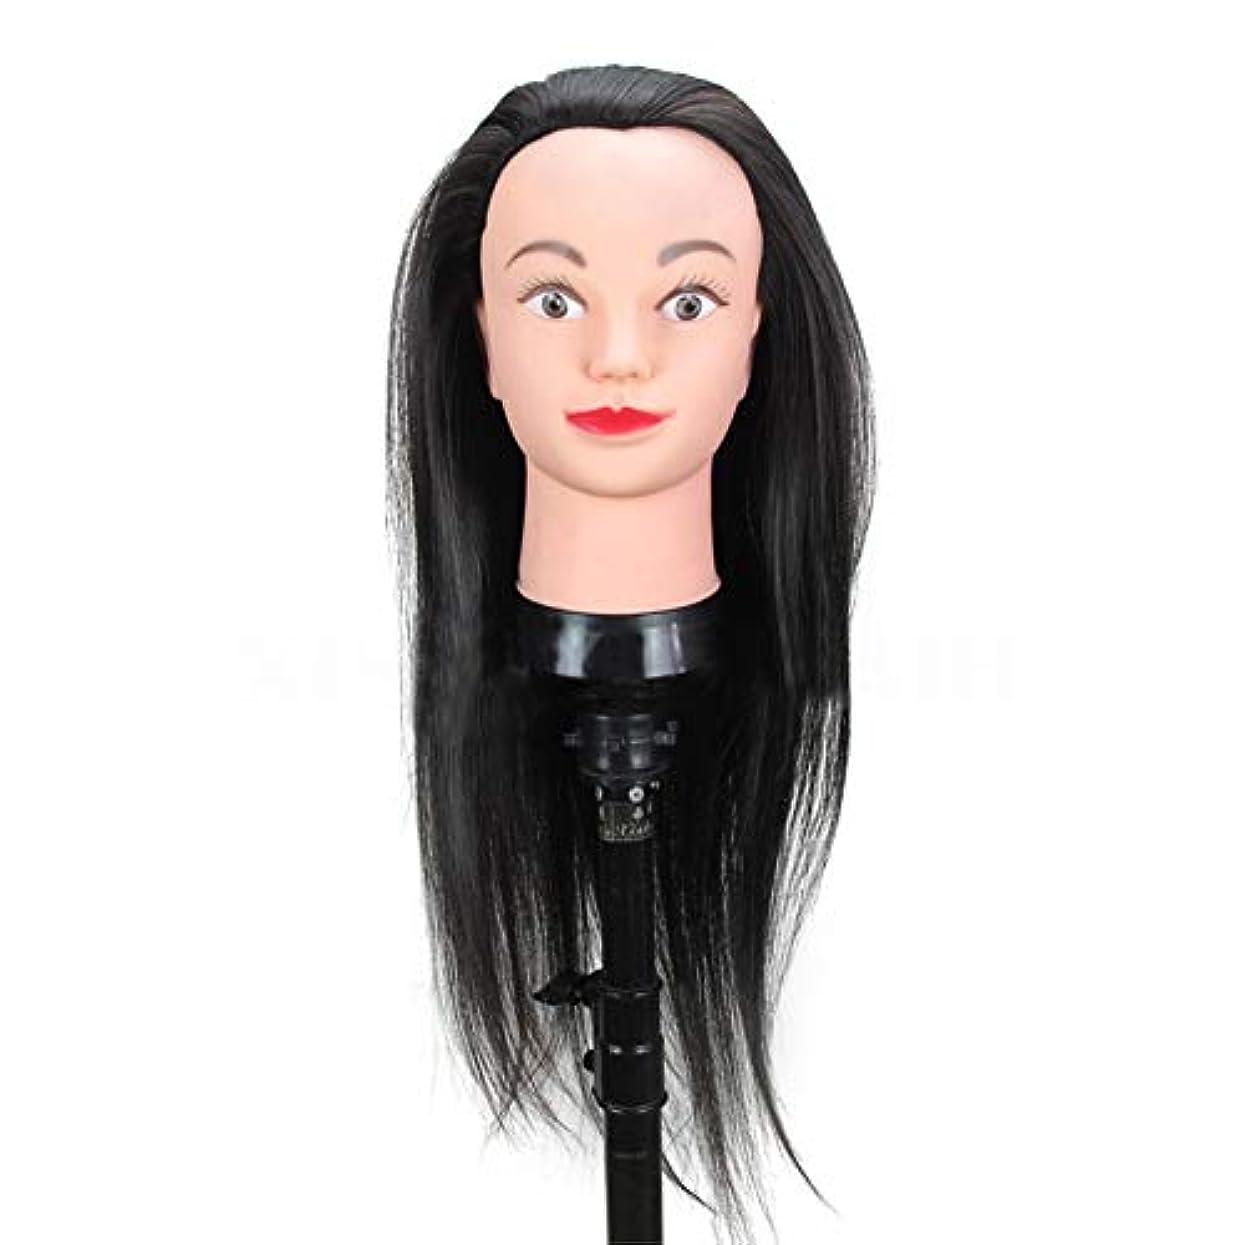 伝染性のゴミ箱を空にする廃棄高温シルク編組ヘアスタイリングヘッドモデル理髪店理髪ダミーヘッド化粧練習マネキンヘッド